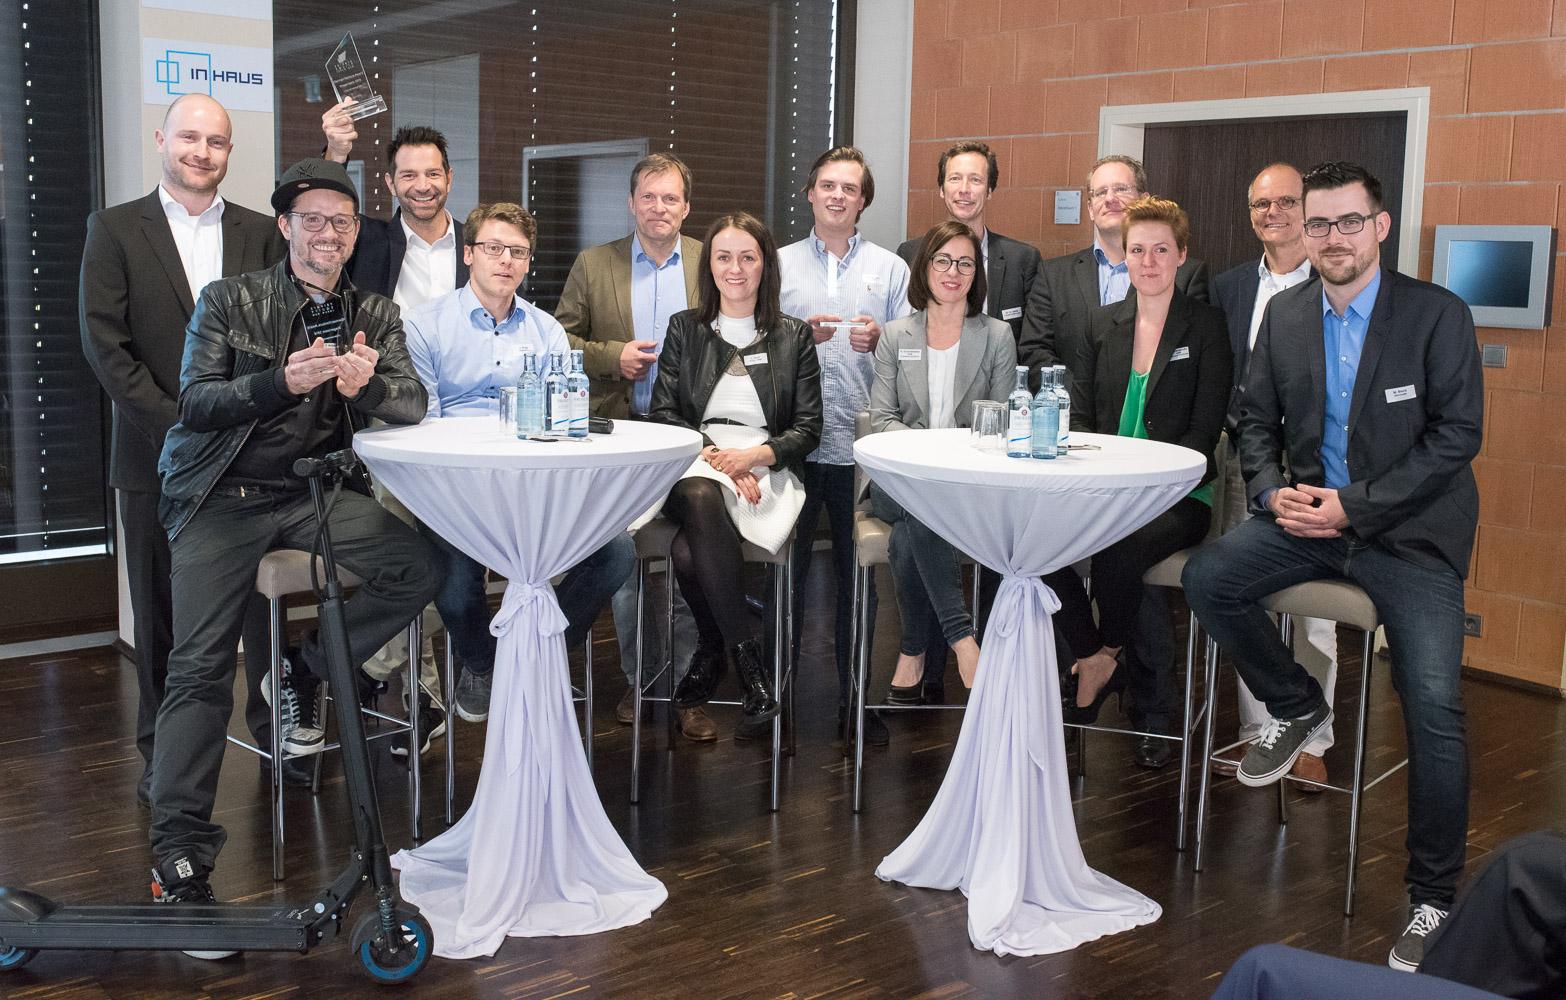 Pitchteilnehmer German Venture Day 2016